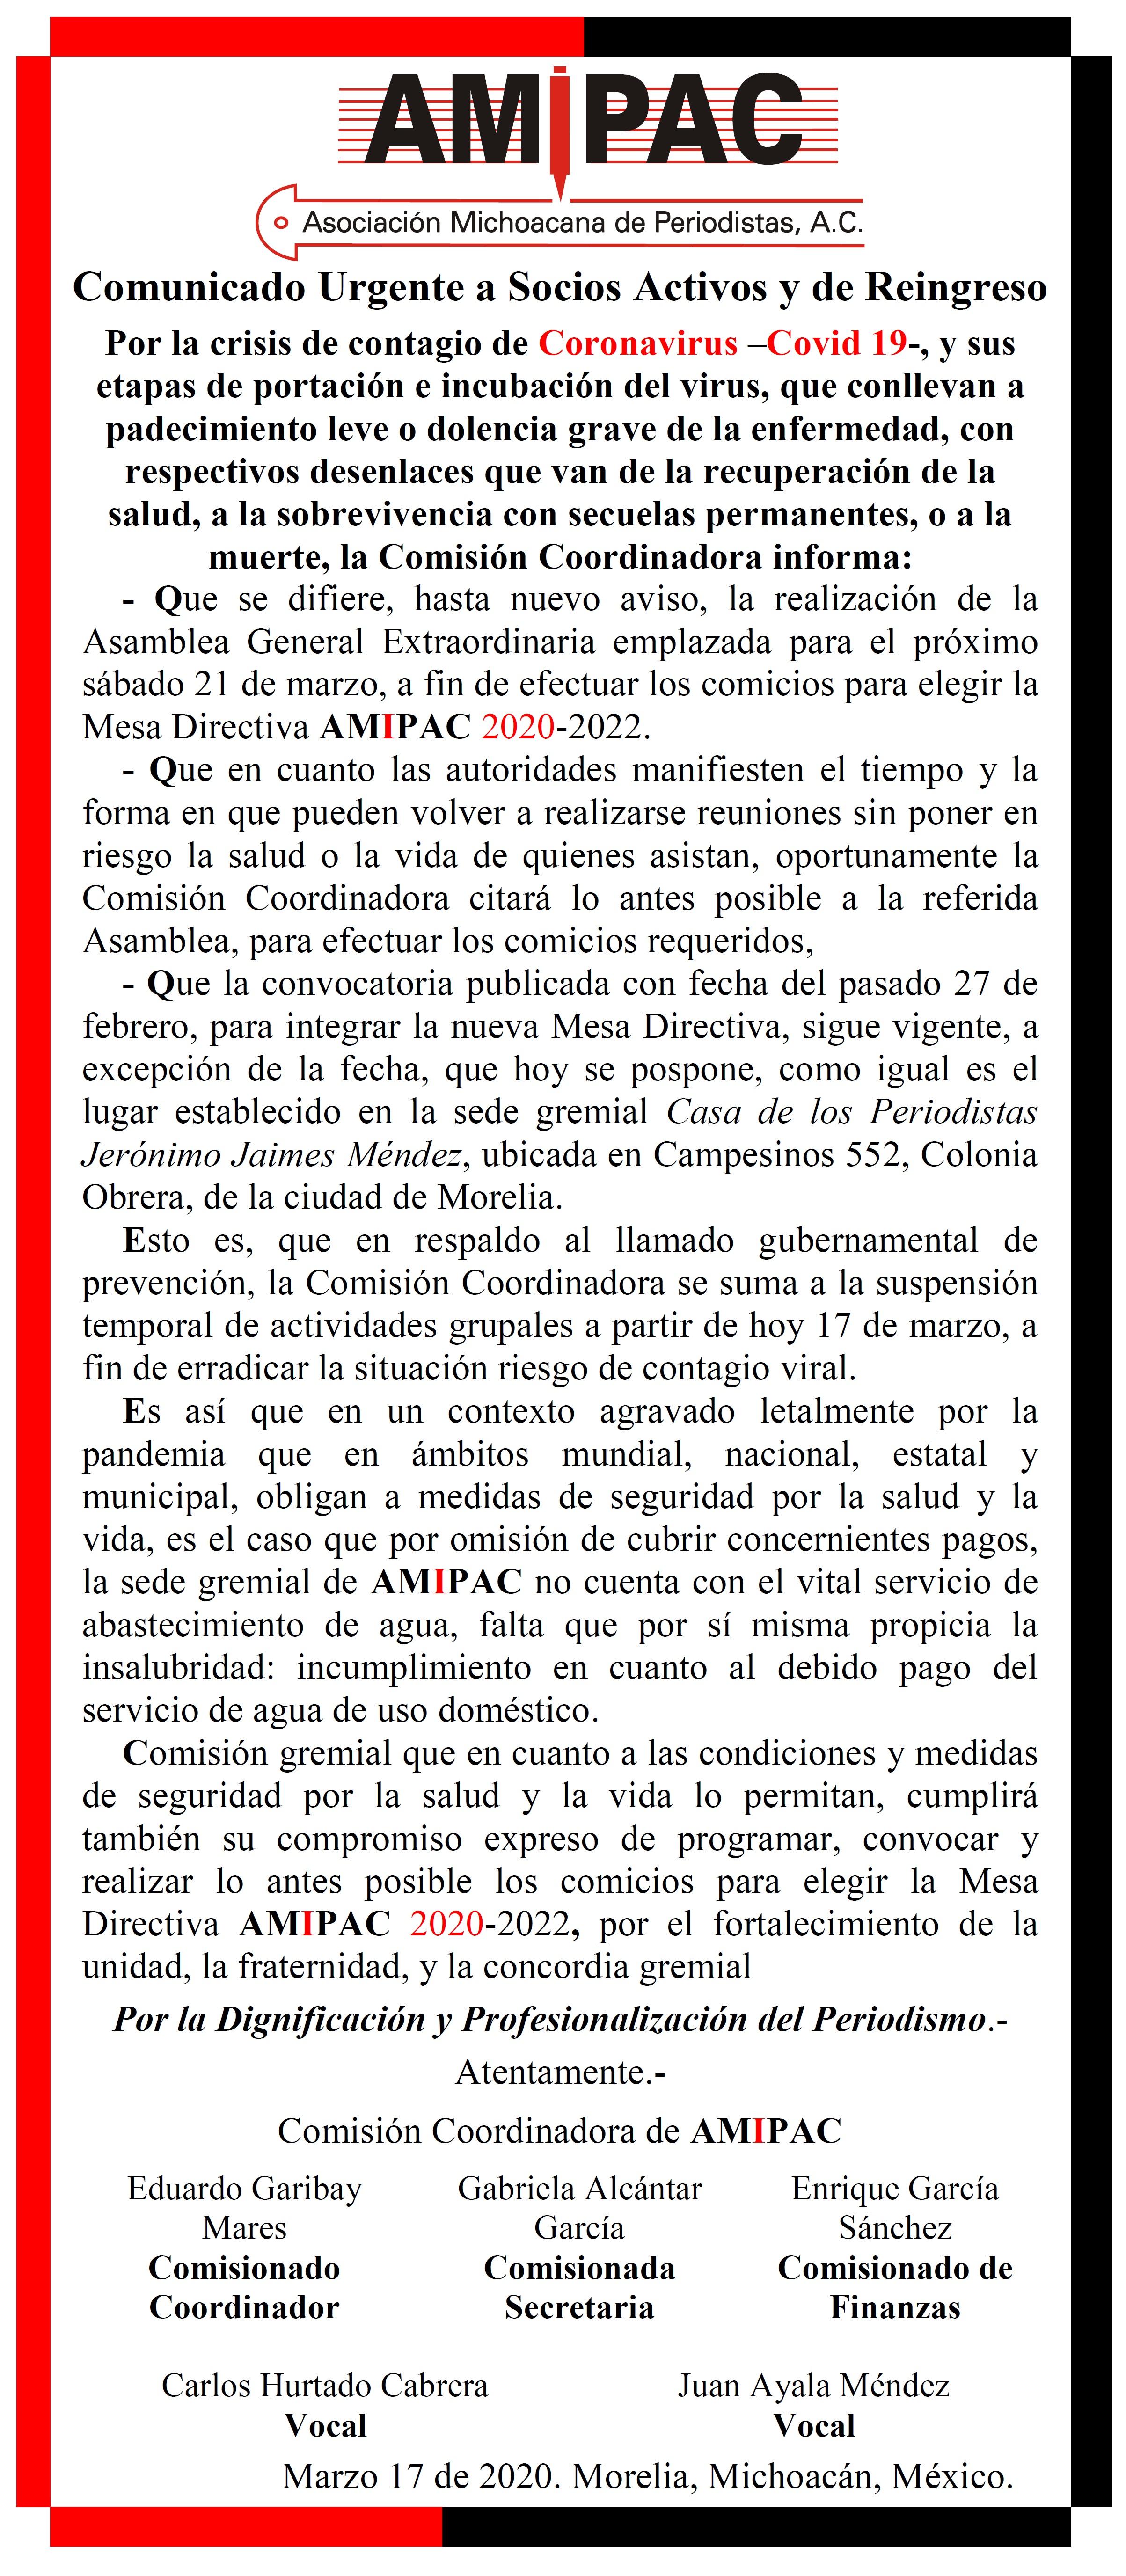 Comunicado Urgente a Socios Activos y de Reingreso de AMIPAC. Marzo 16 de 2020